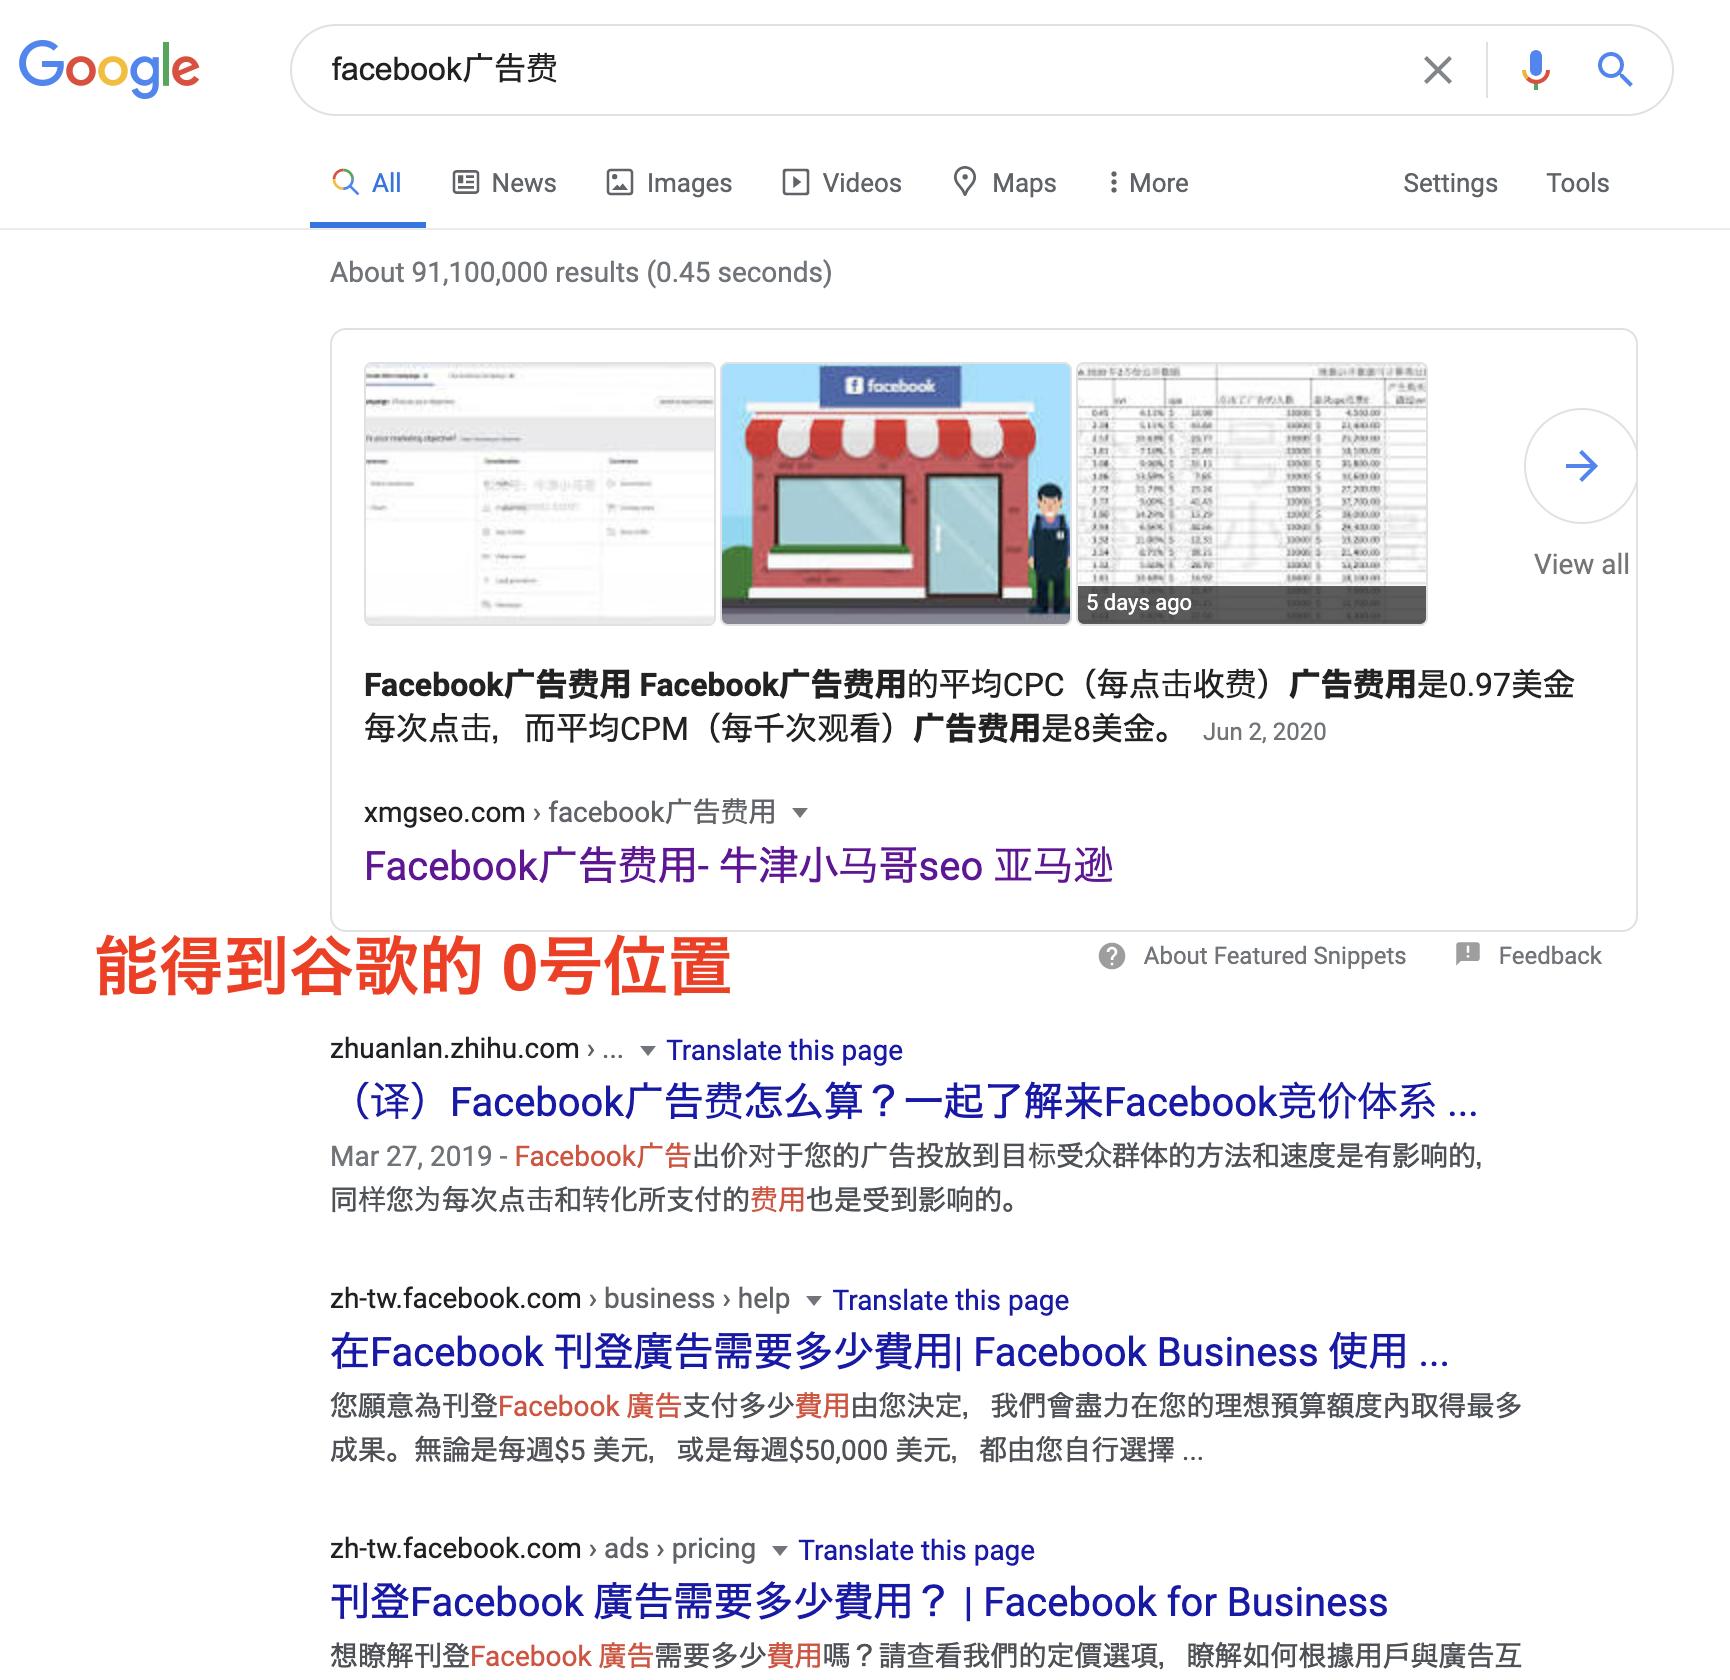 谷歌搜索结果-1